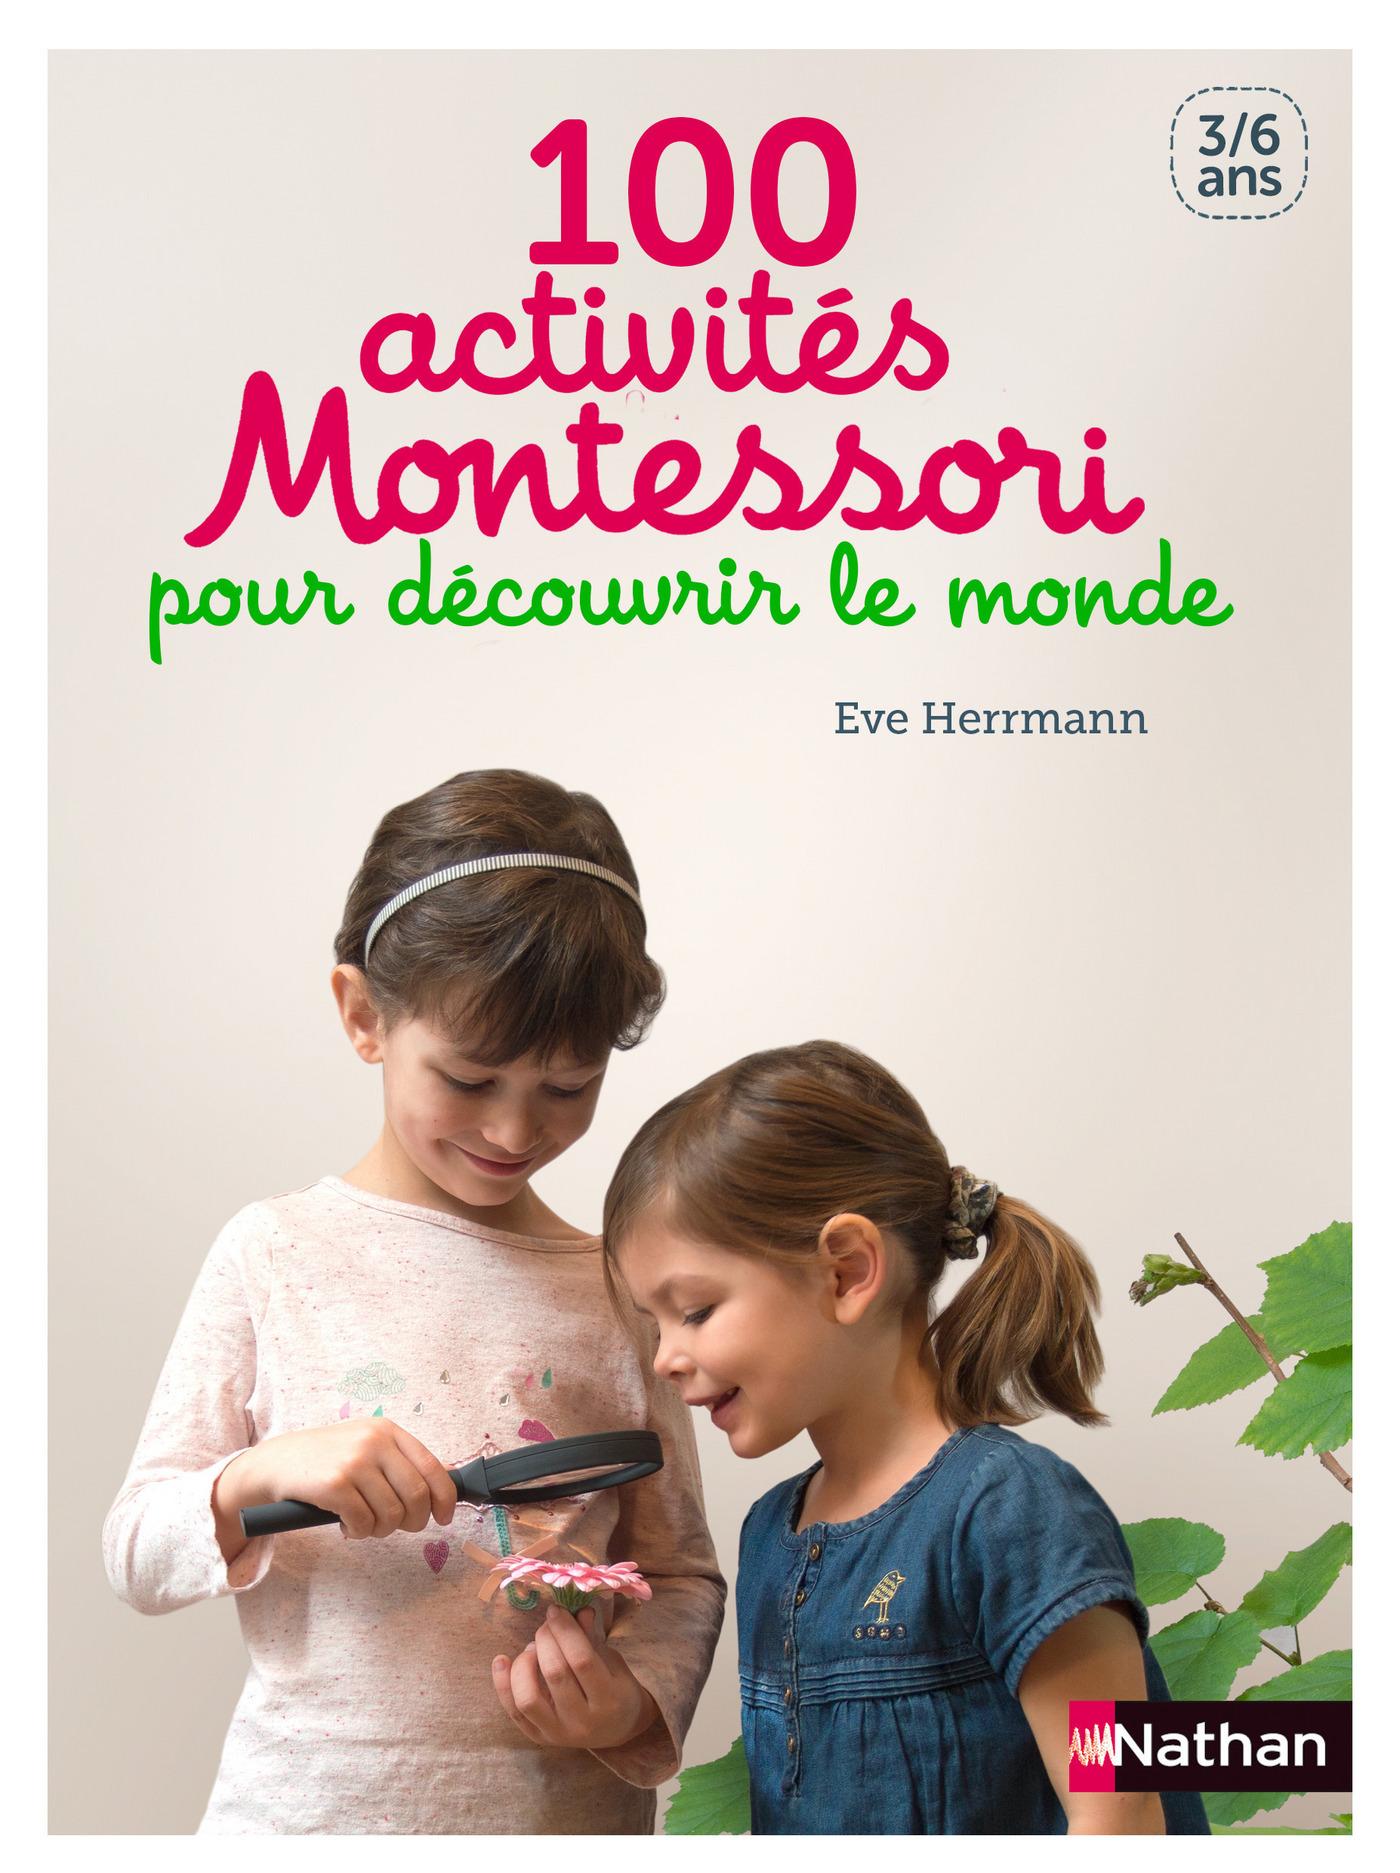 100 activités Montessori pour découvrir le monde (ebook)